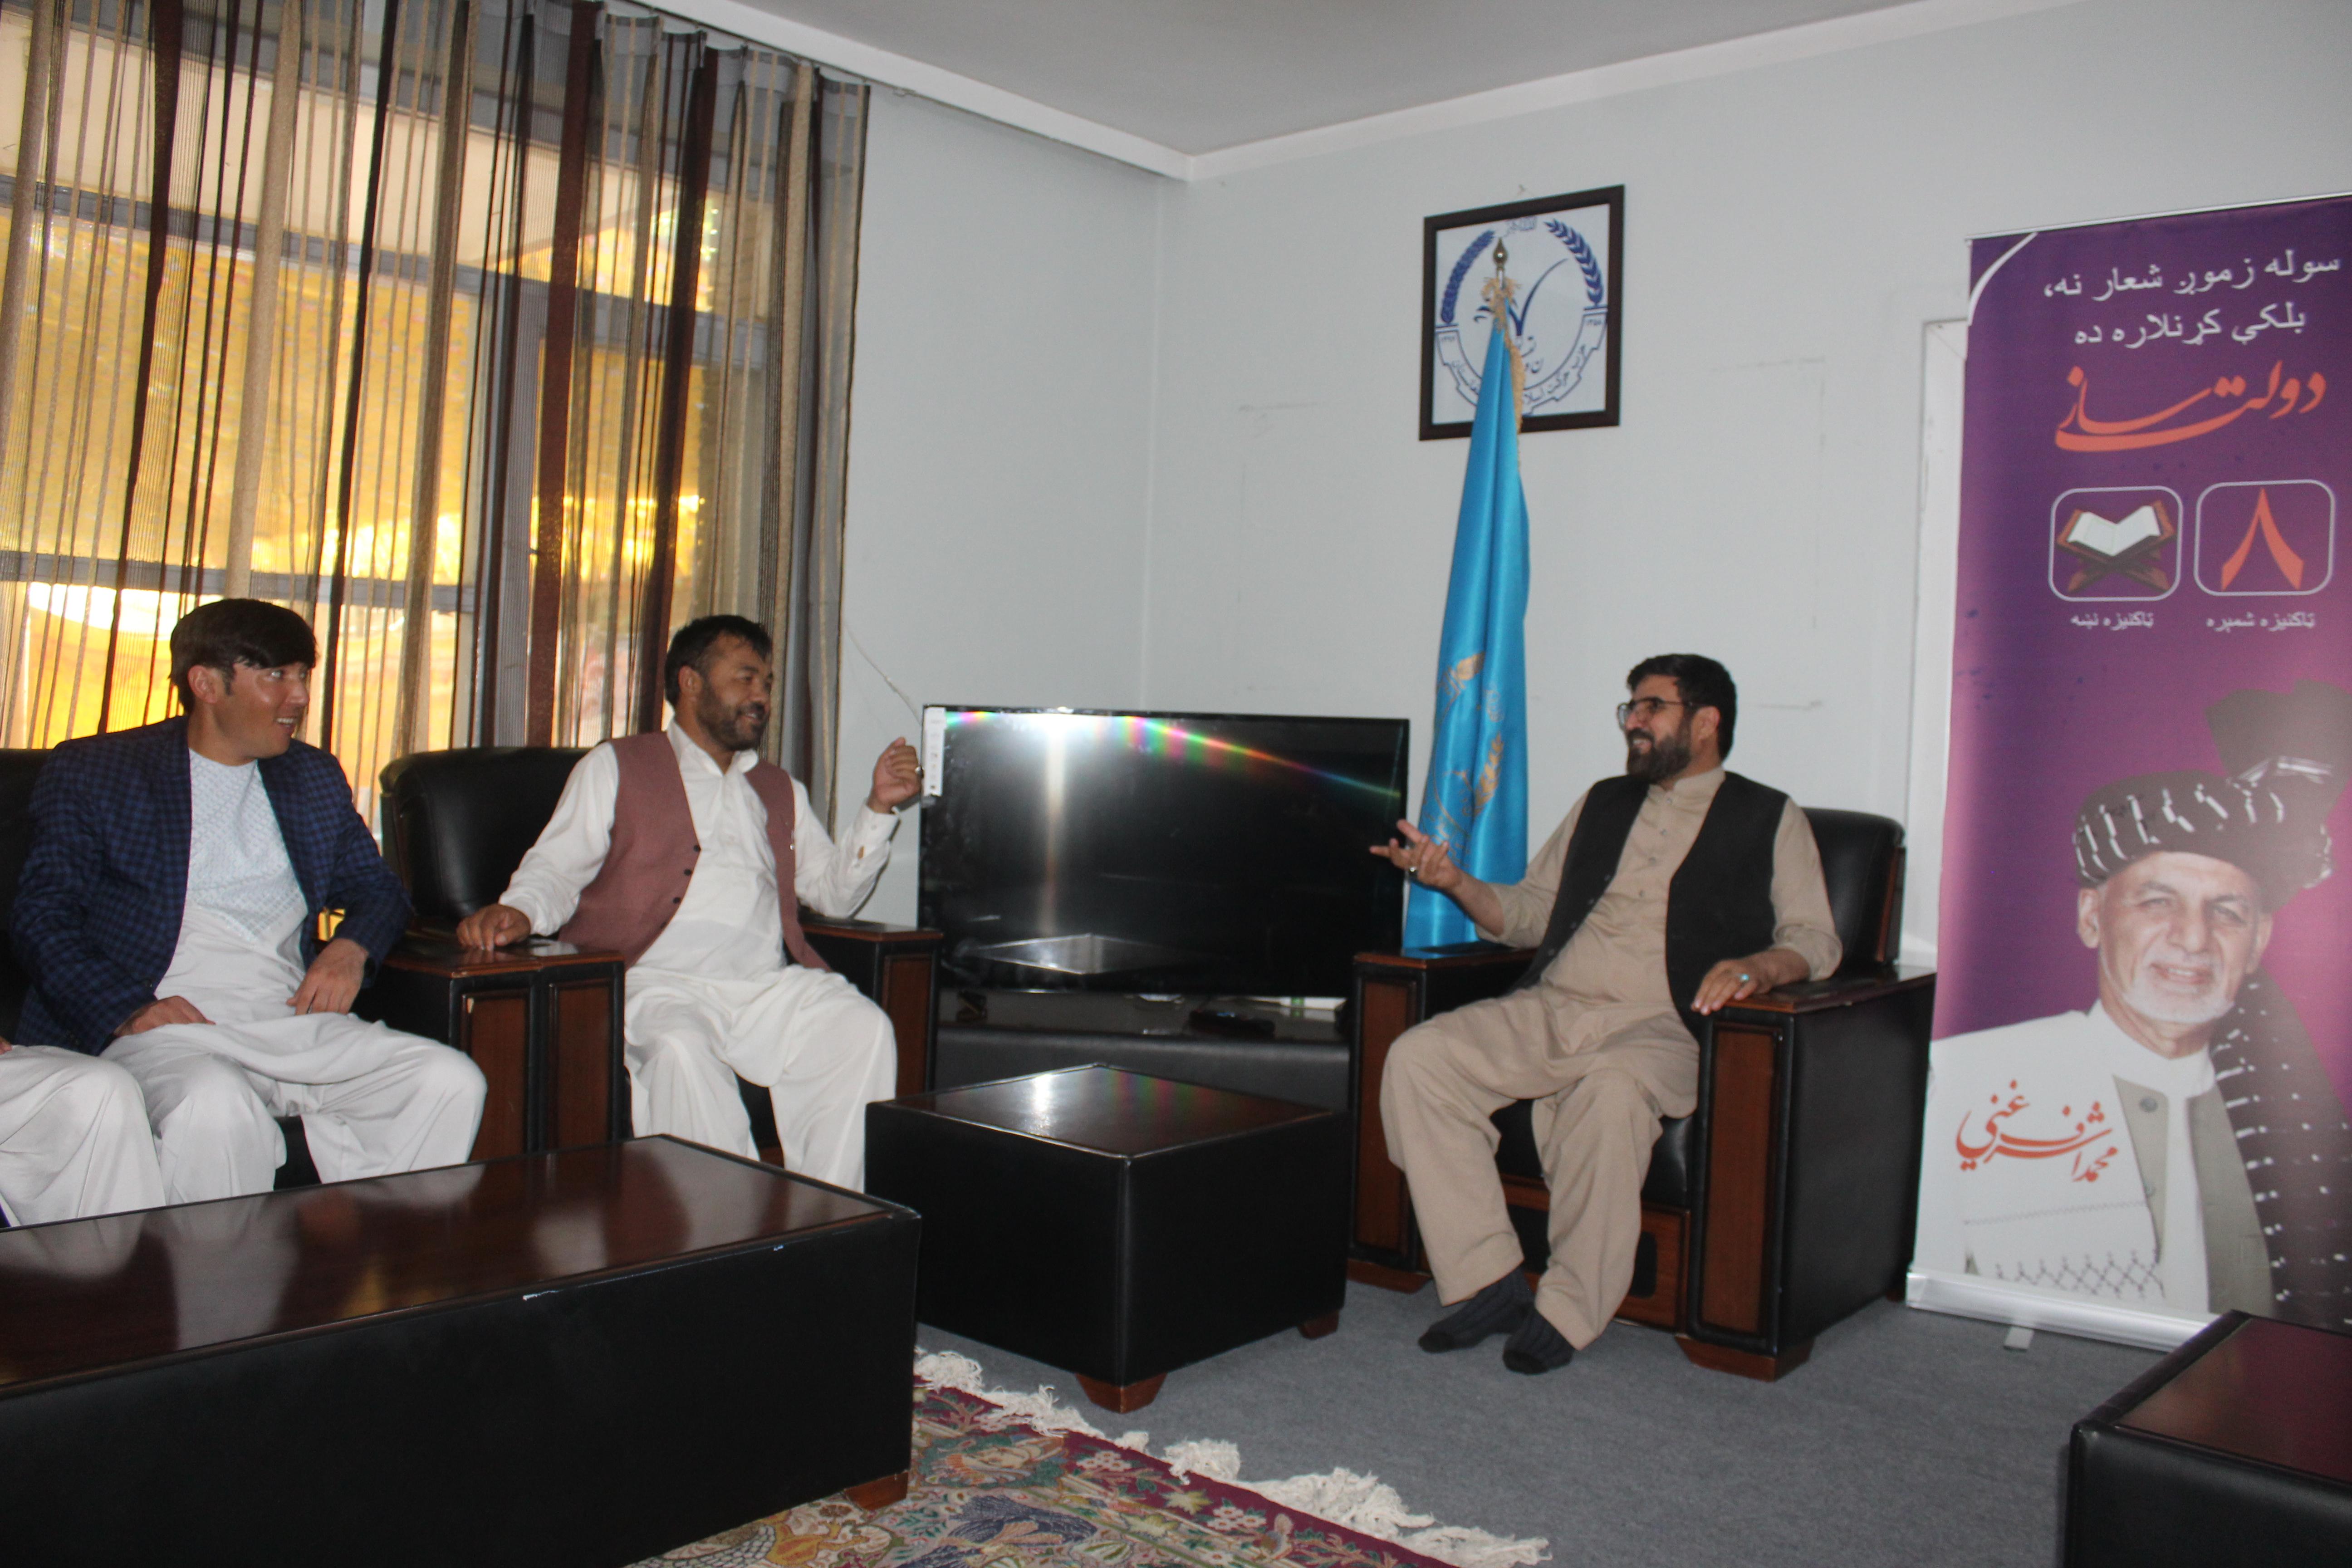 تصویر از حوزات حزبی حرکت اسلامی متحد افغانستان در شهر کابل کامپاین خانه به خانه را آغاز کردند